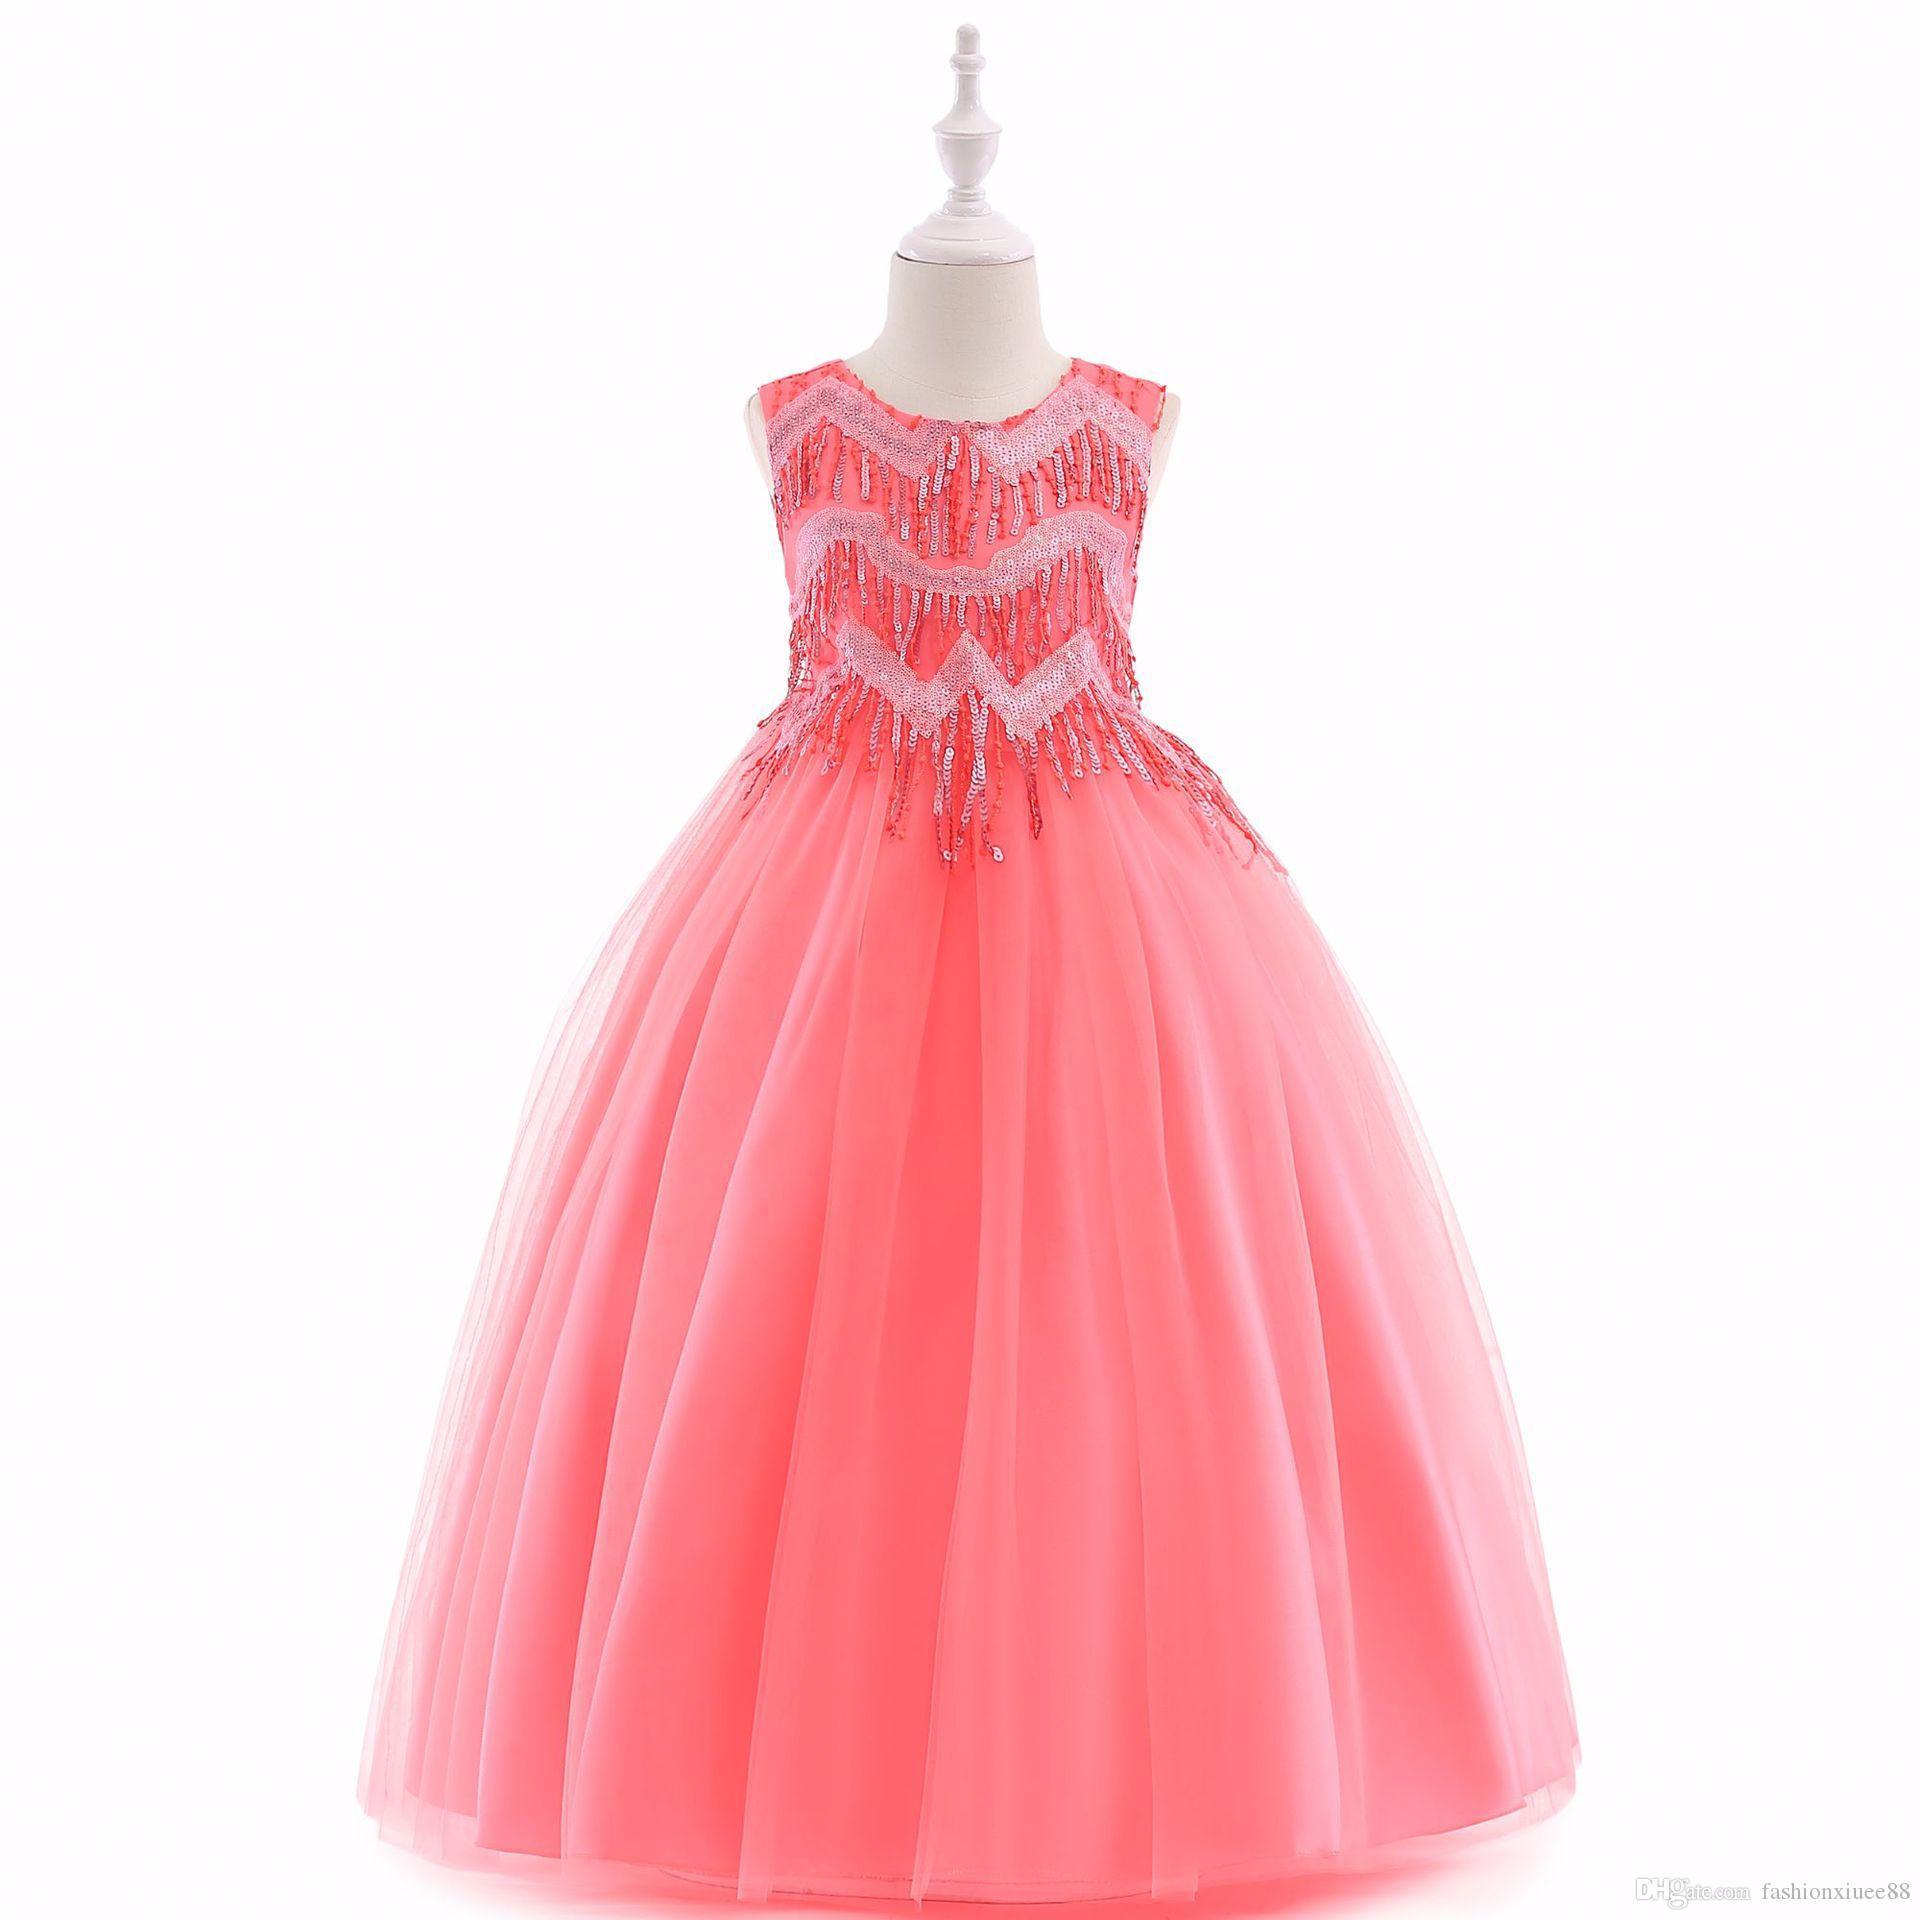 807042b45e9 2018 Lace Flower Girls Dresses Tulle Lovely Little Kids Skirts Tea Length  Princess Communion Birthday Gowns LP 206 Flower Girl Dresses 18 Months Flower  Girl ...